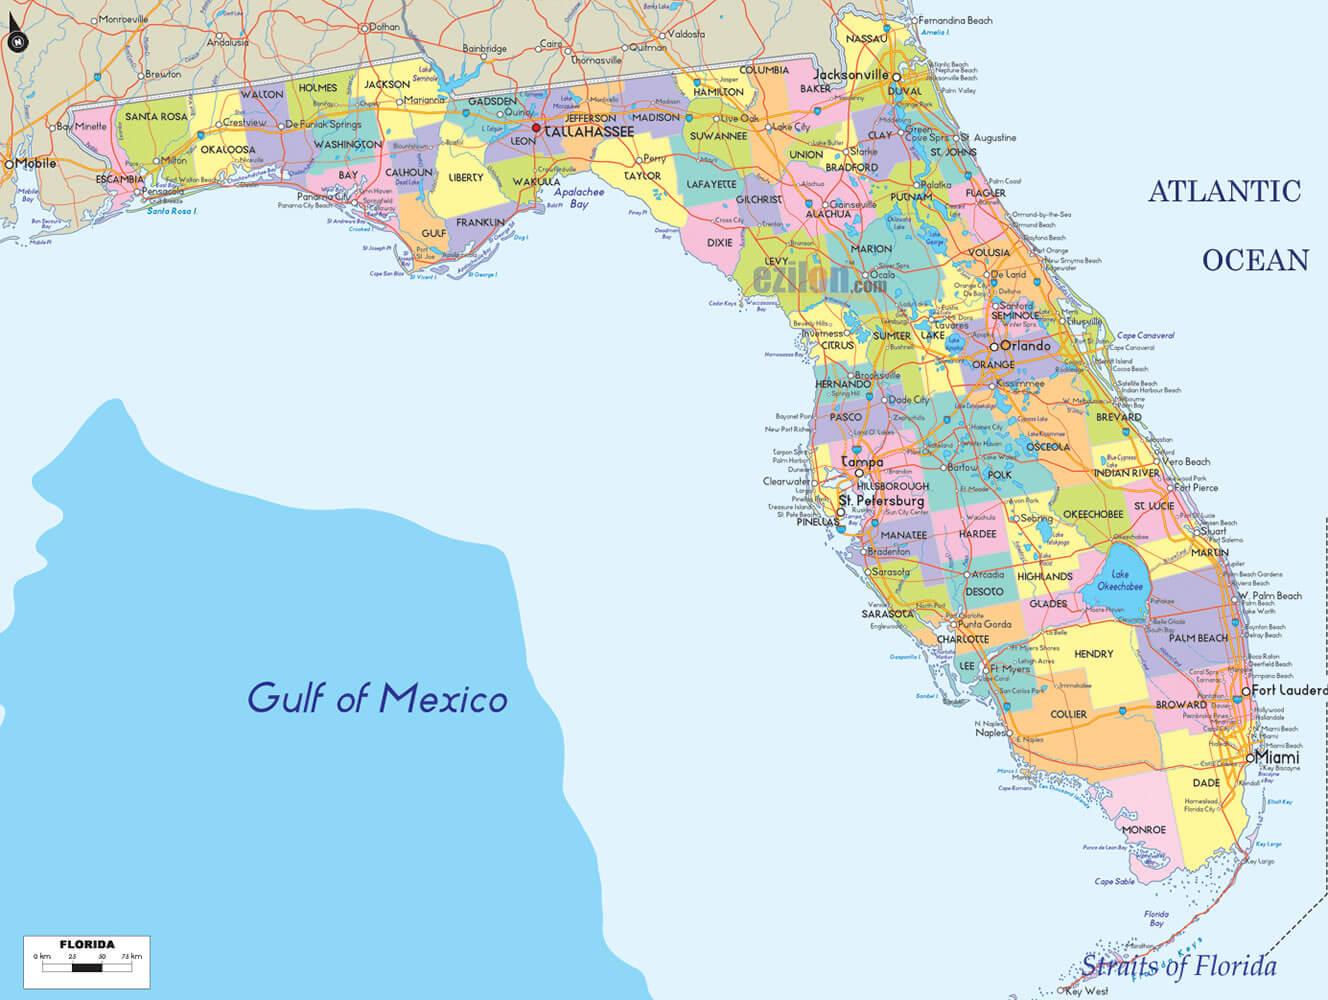 Google Maps Usa States Florida Usa And Canada Map Ï ¿ | Travel Maps - Google Maps Vero Beach Florida